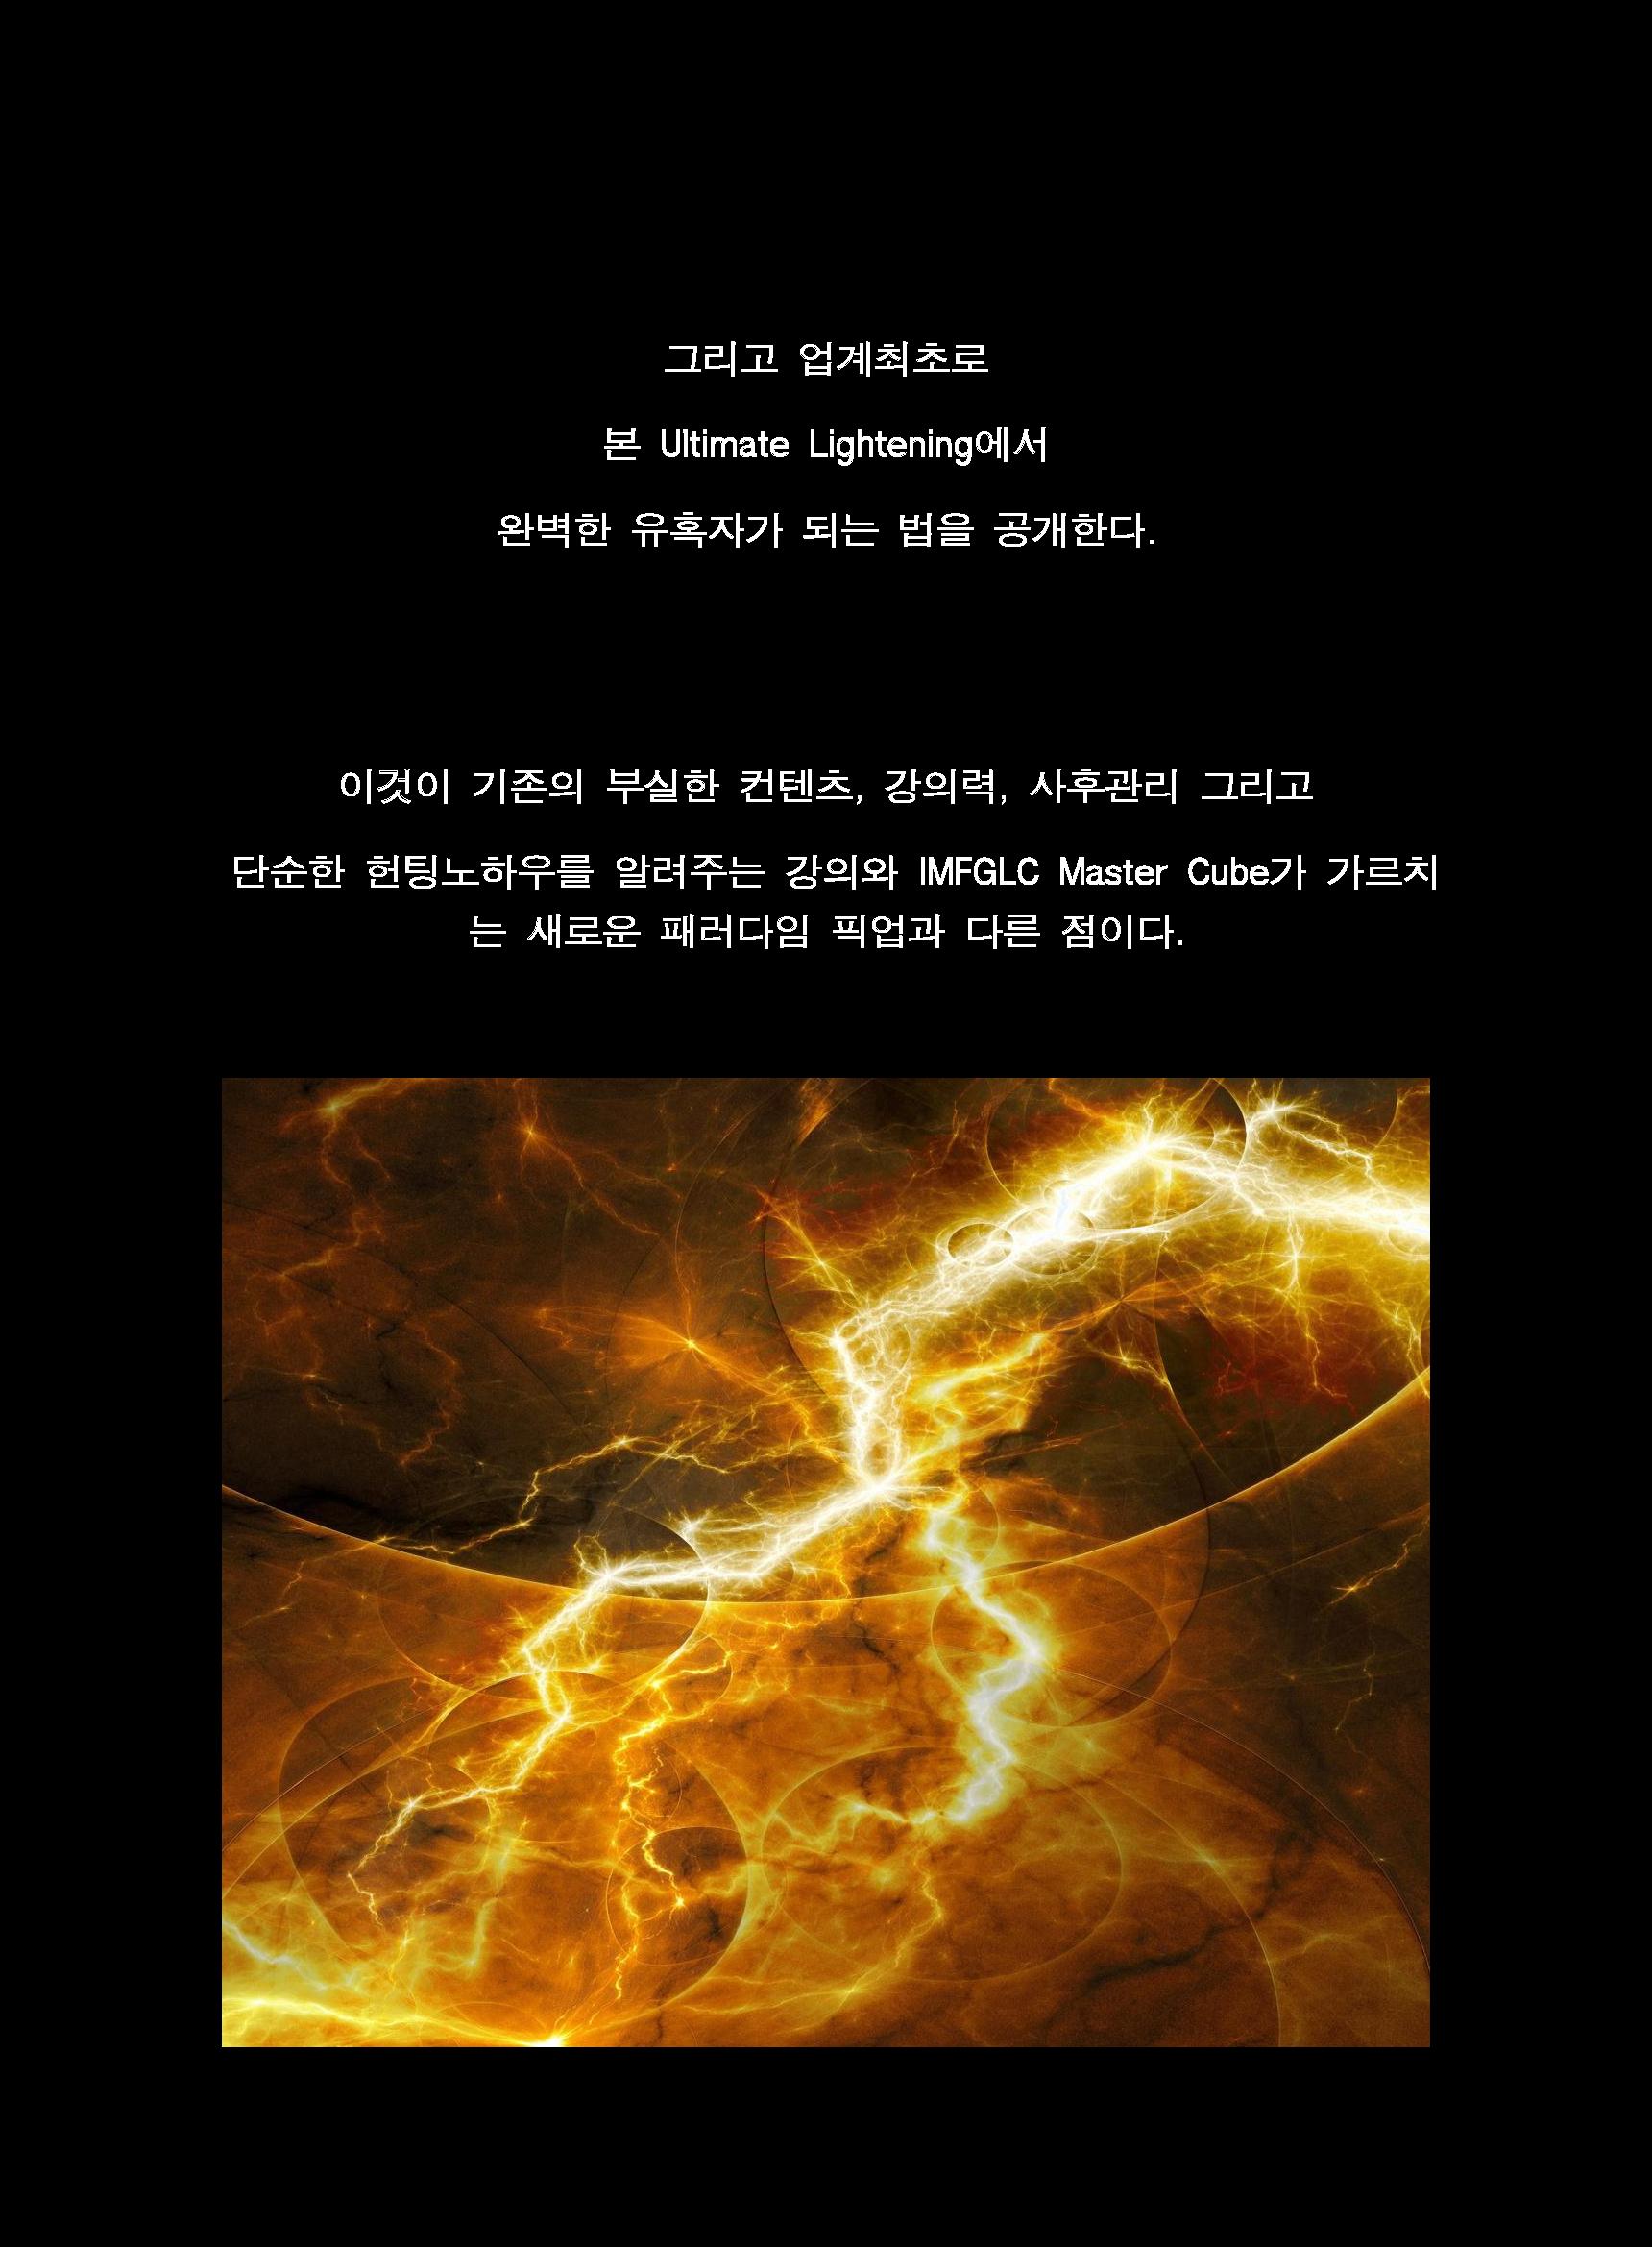 제 11회 Ultimate Lightening(진짜)_페이지_42.png